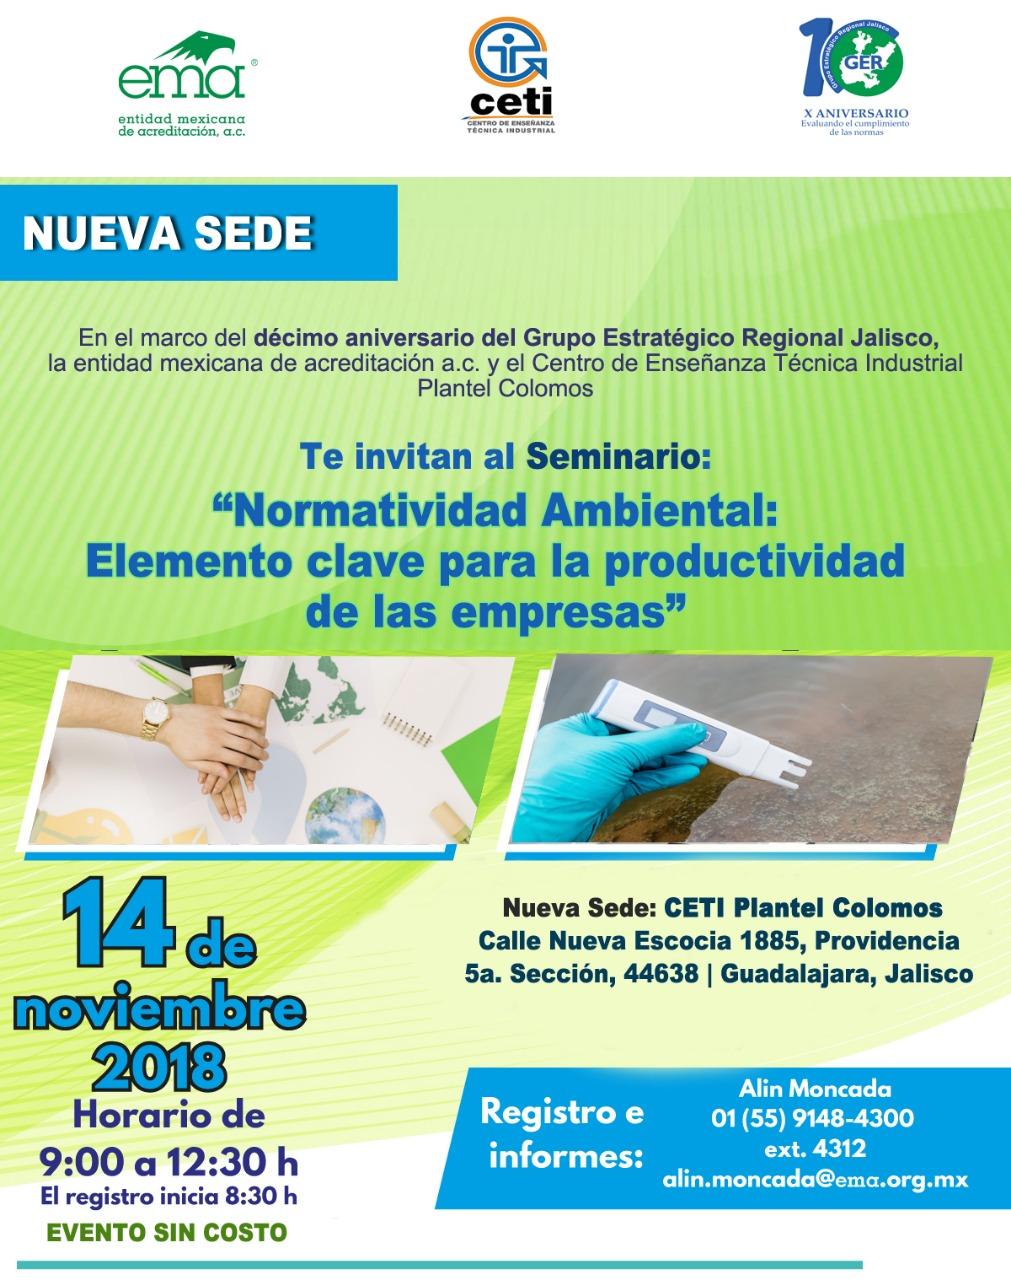 NORMATIVIDAD AMBIENTAL: ELEMENTO CLAVE PARA LA PRODUCTIVIDAD DE LAS EMPRESAS